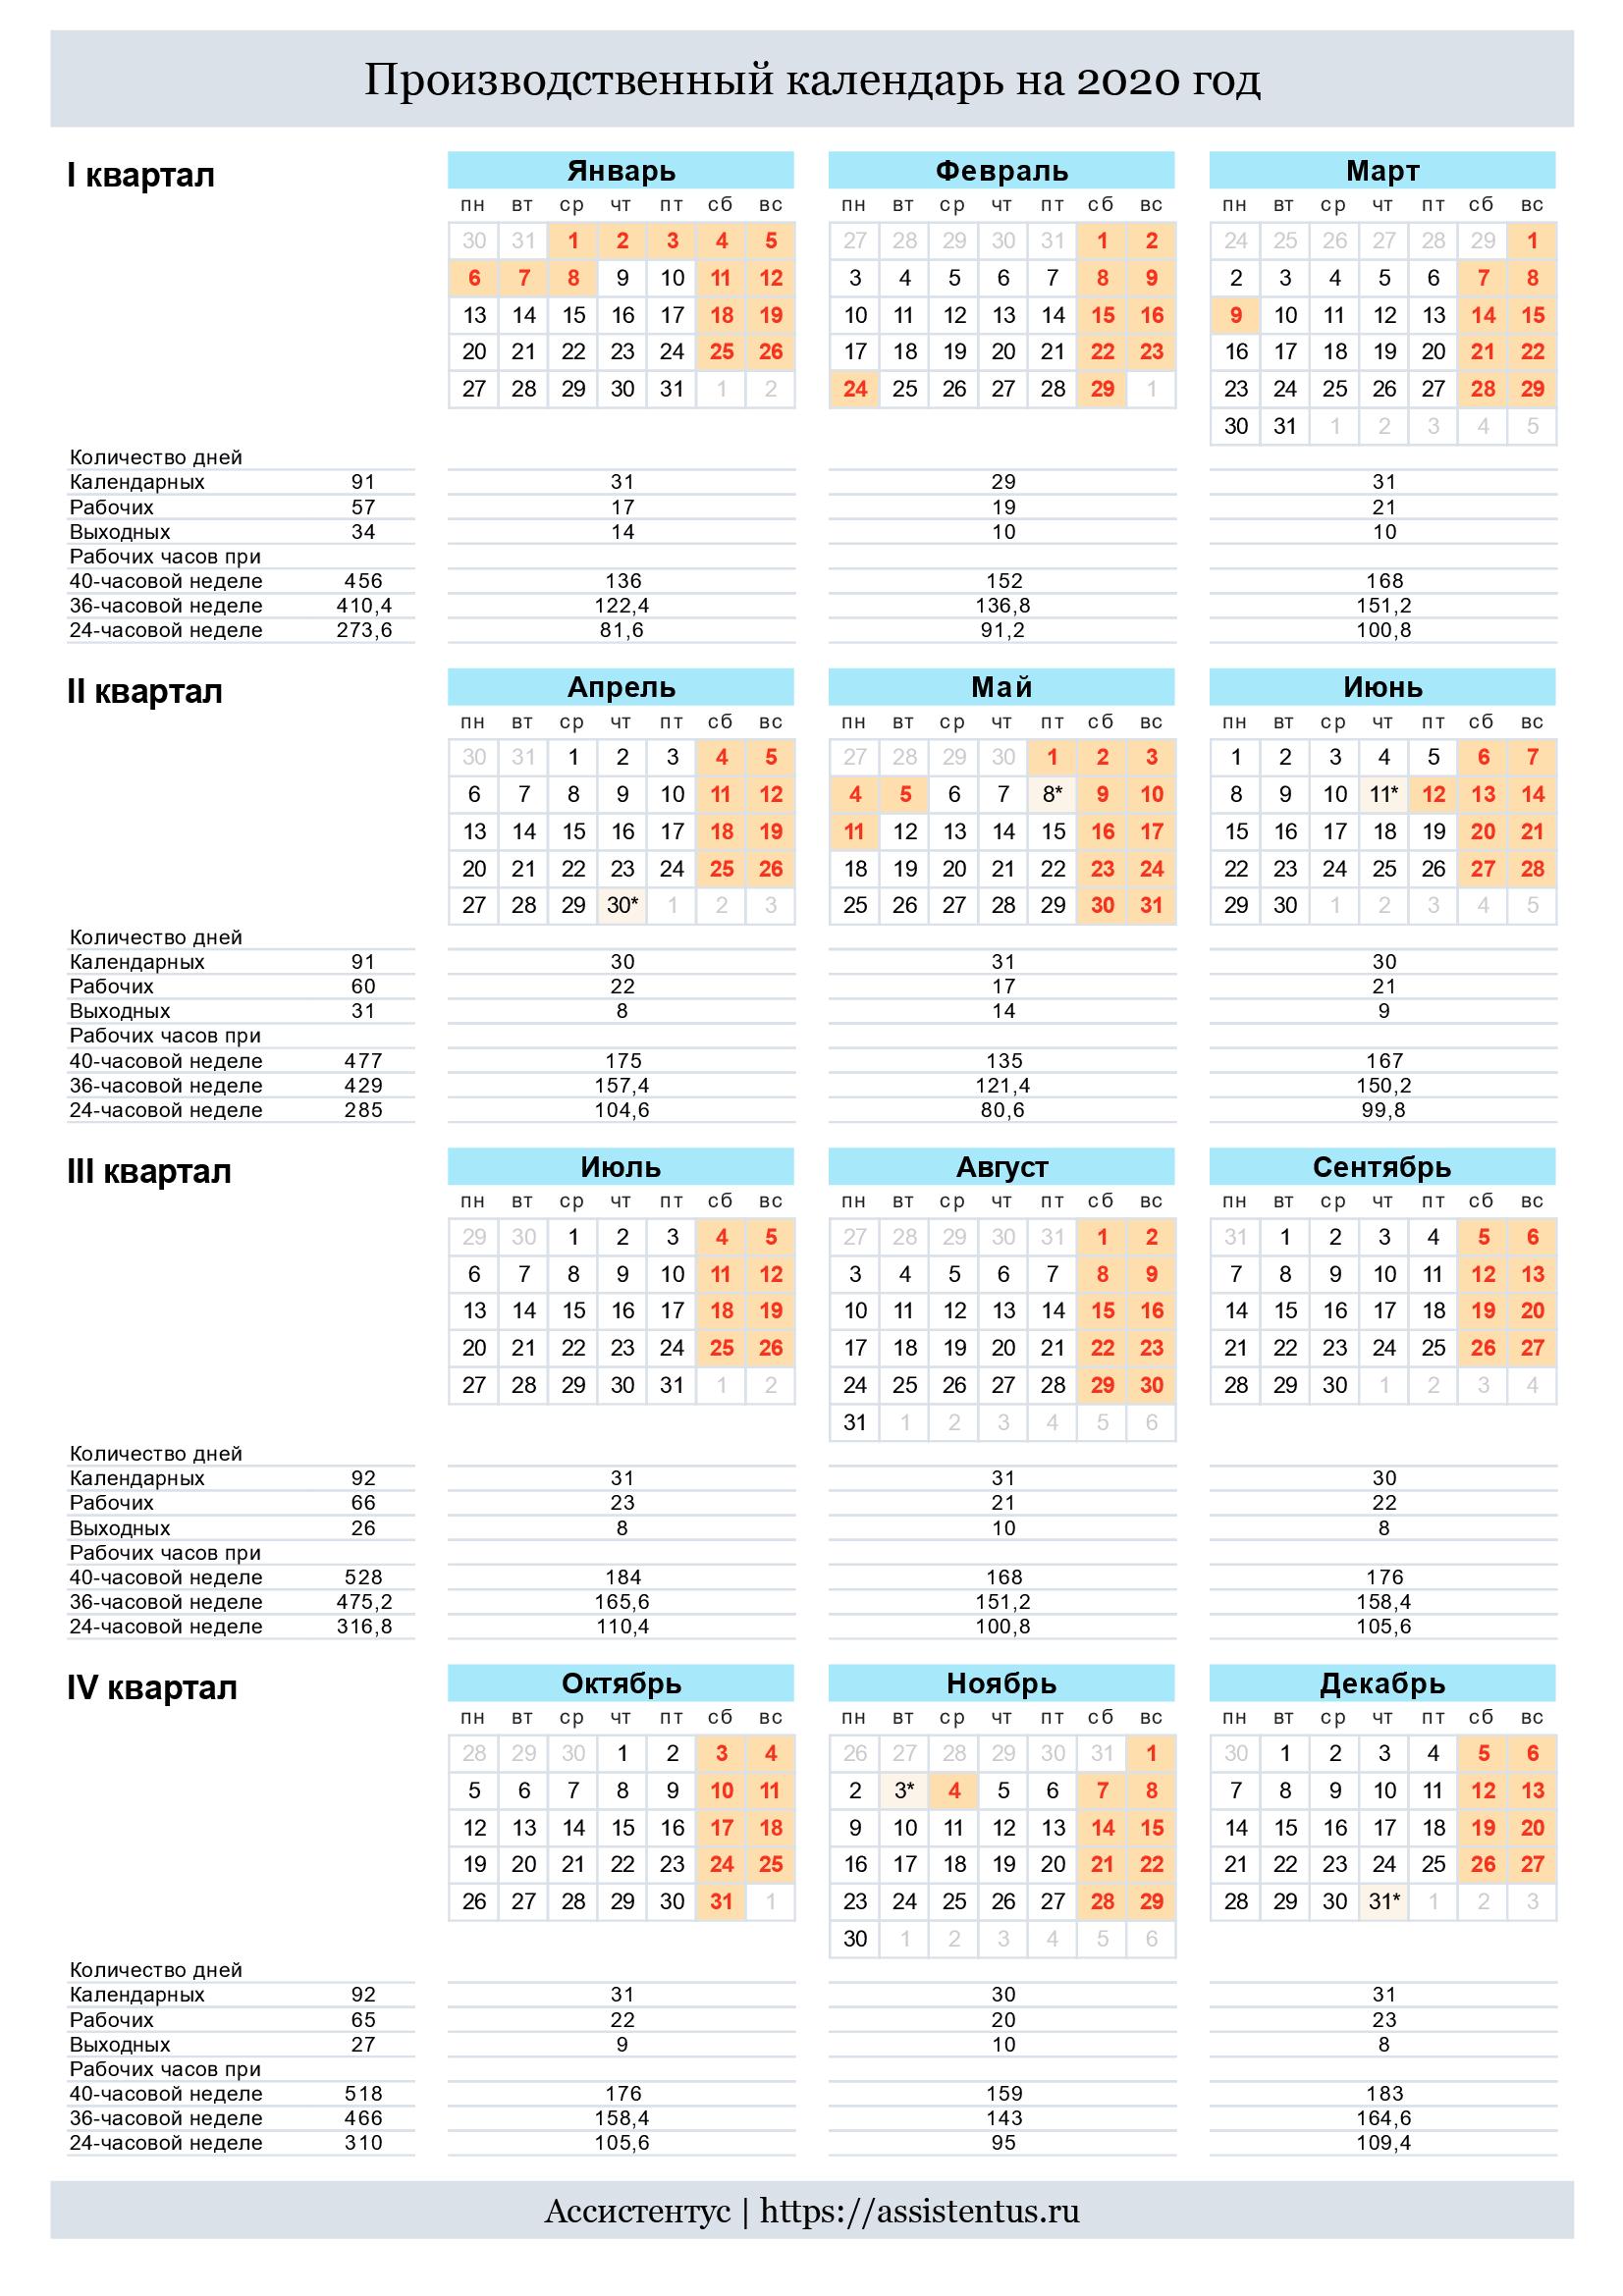 Календарь главного бухгалтера на 2020 год